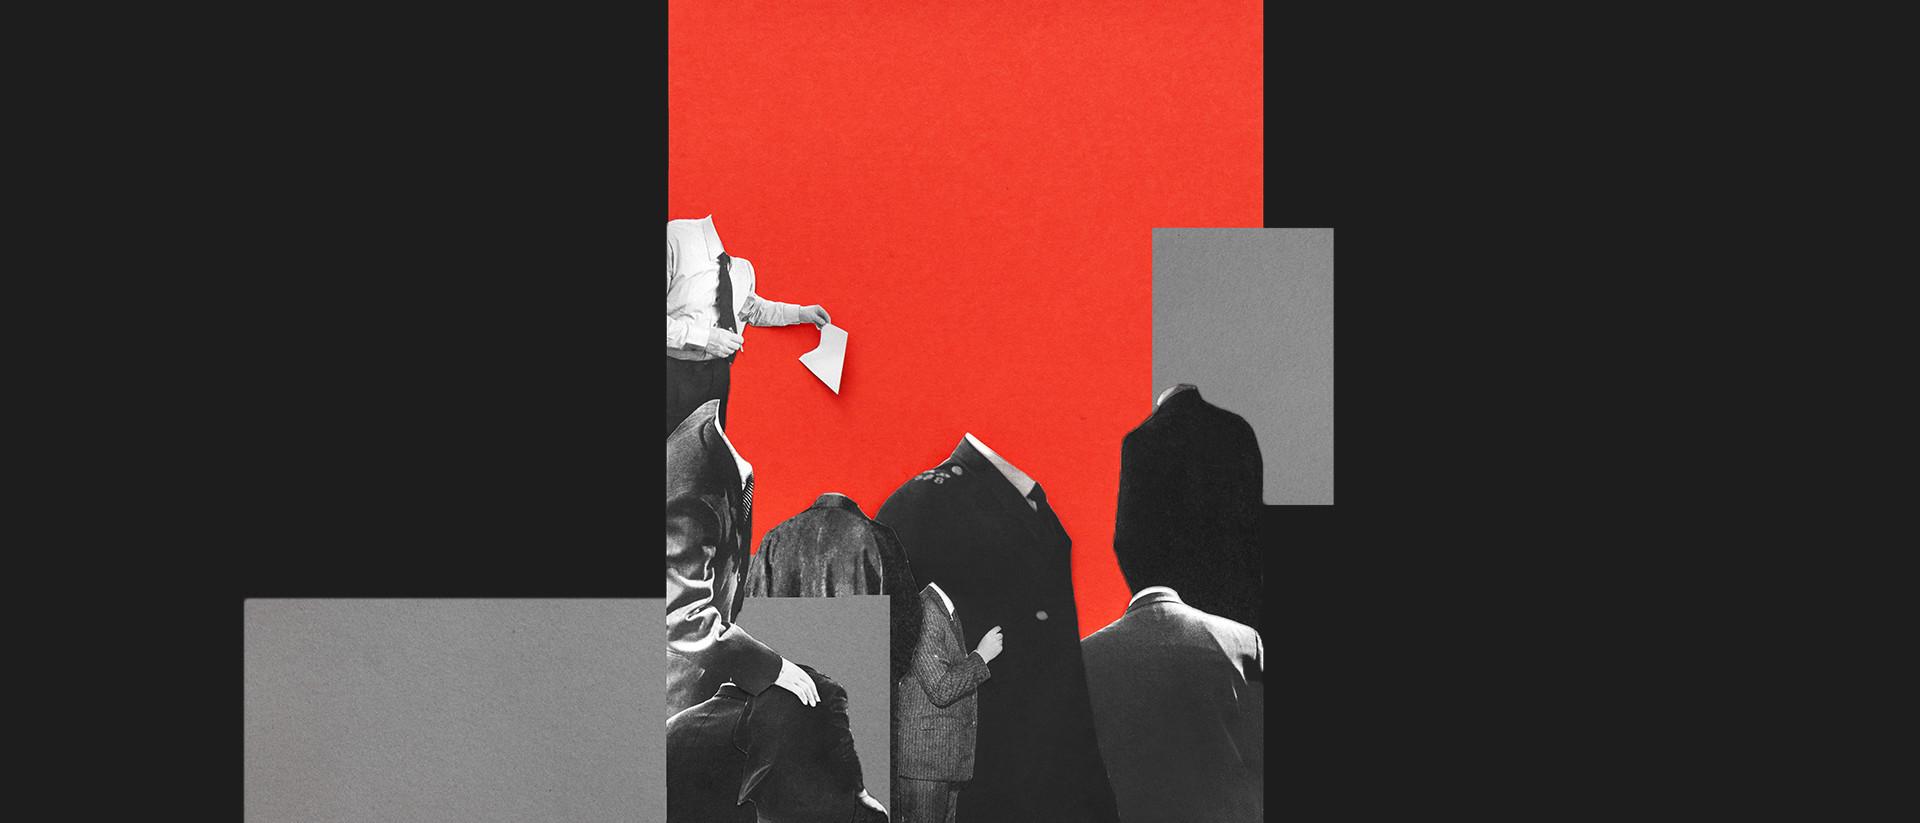 Informatiebeveiliging: gerust bewust - Magazine cover